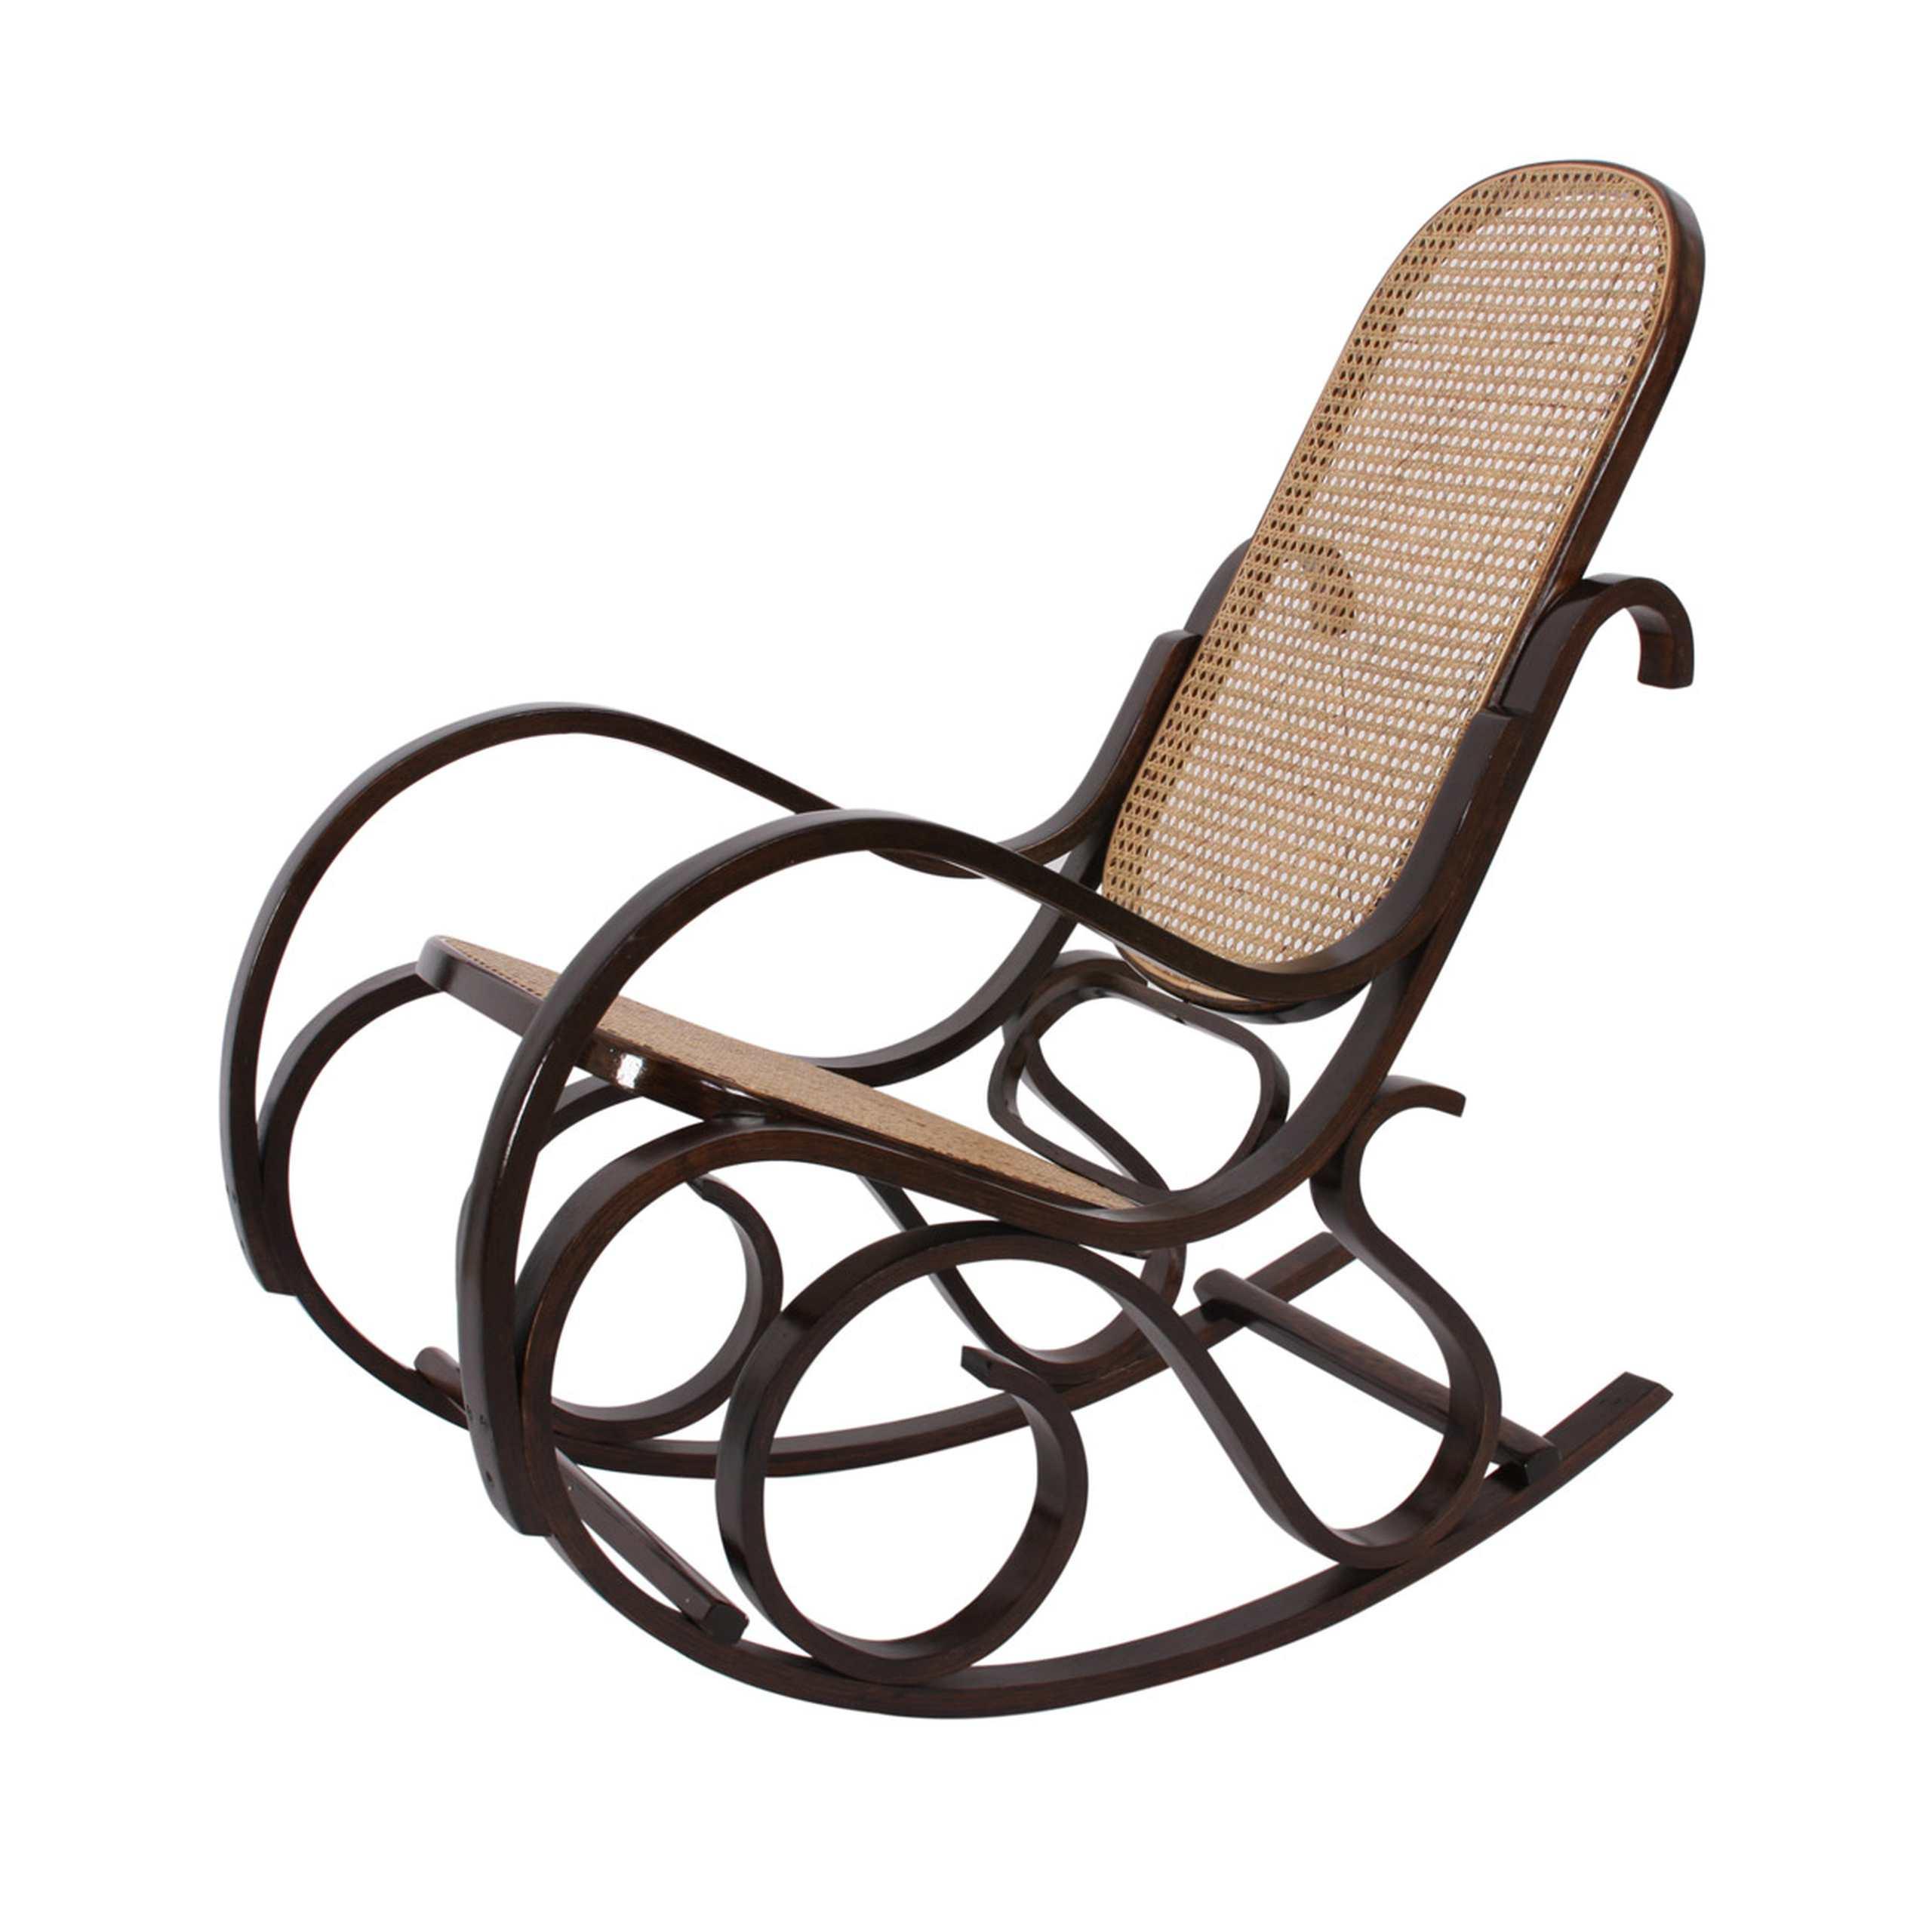 Schaukelstuhl schwingsessel m41 aus holz walnuss rattan for Schaukelstuhl outdoor rattan